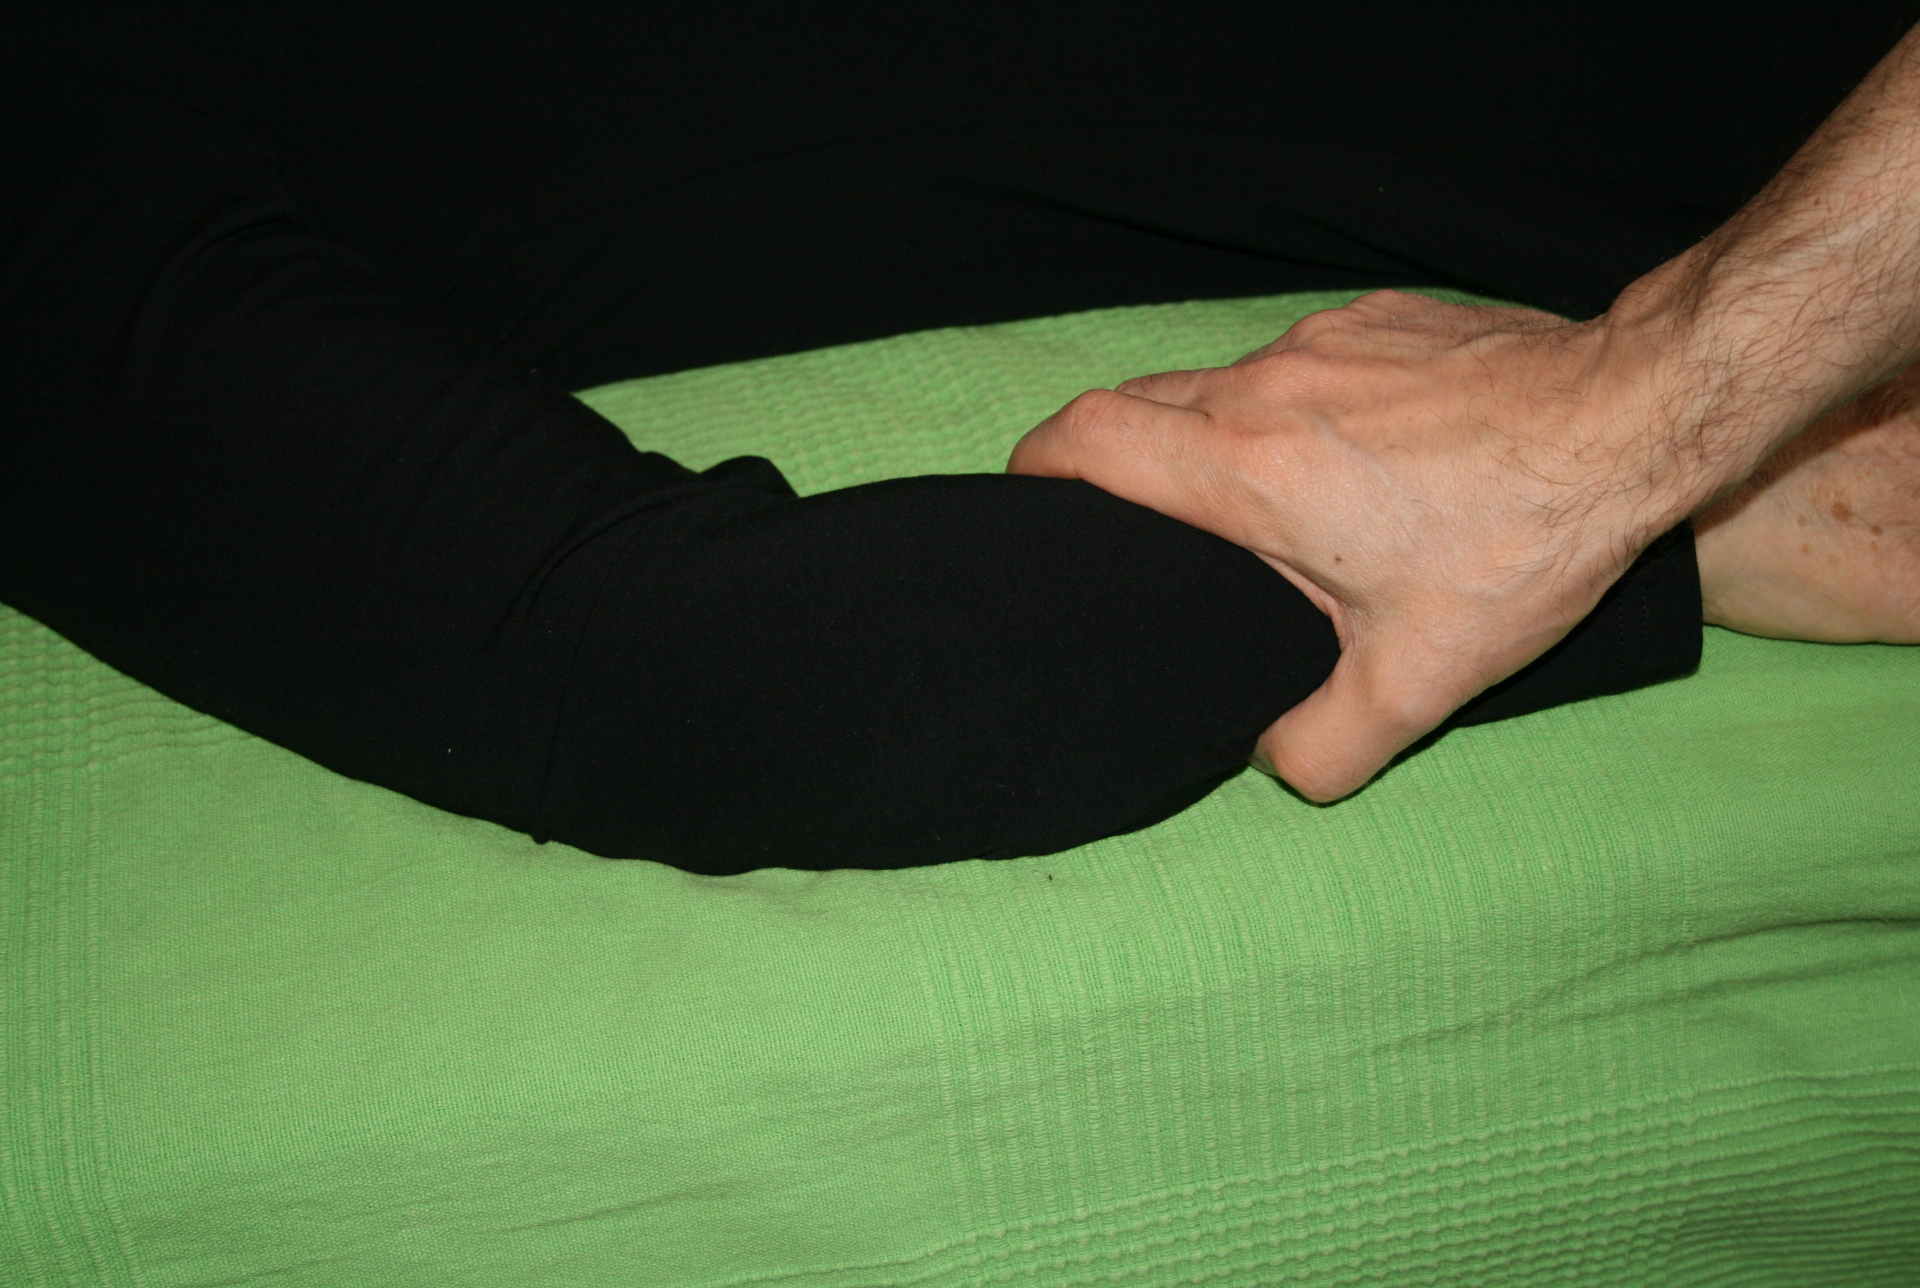 Billedet viser en en klient, der får behandling mod smerter i underarmen.